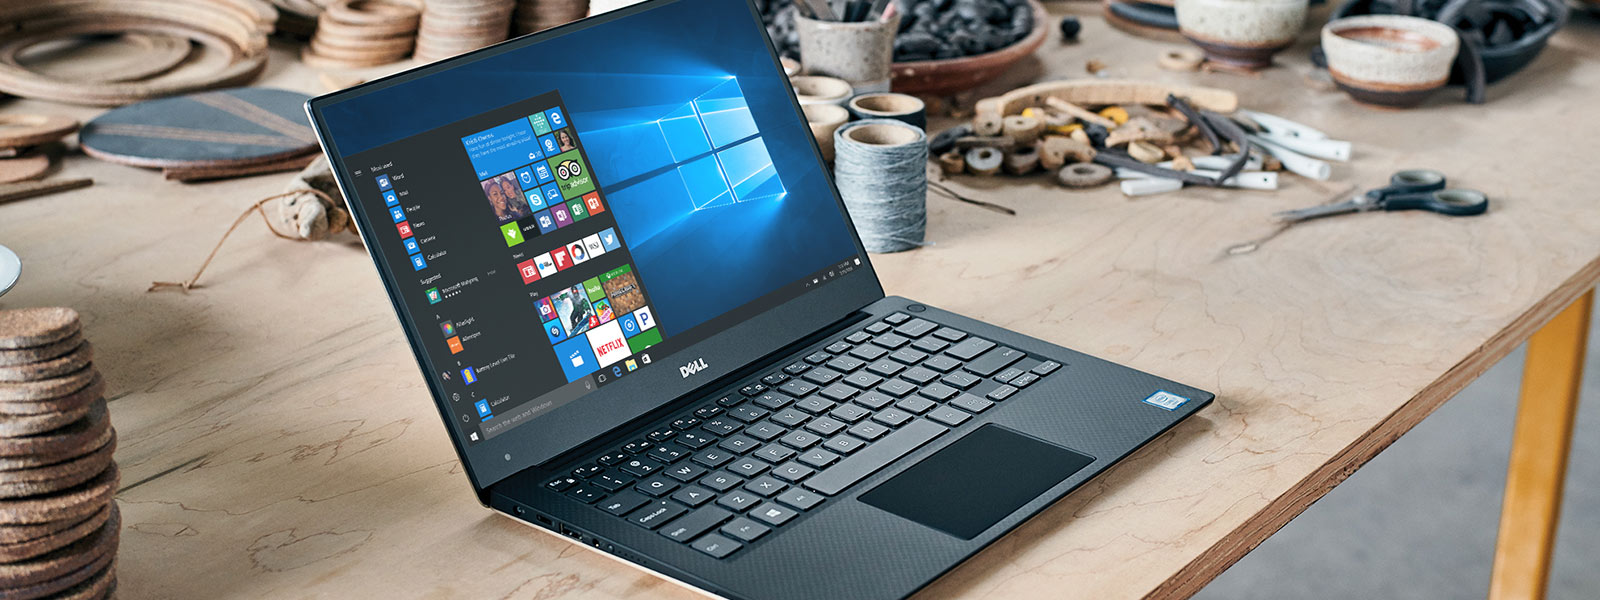 Ноутбук с Windows 10 в магазине